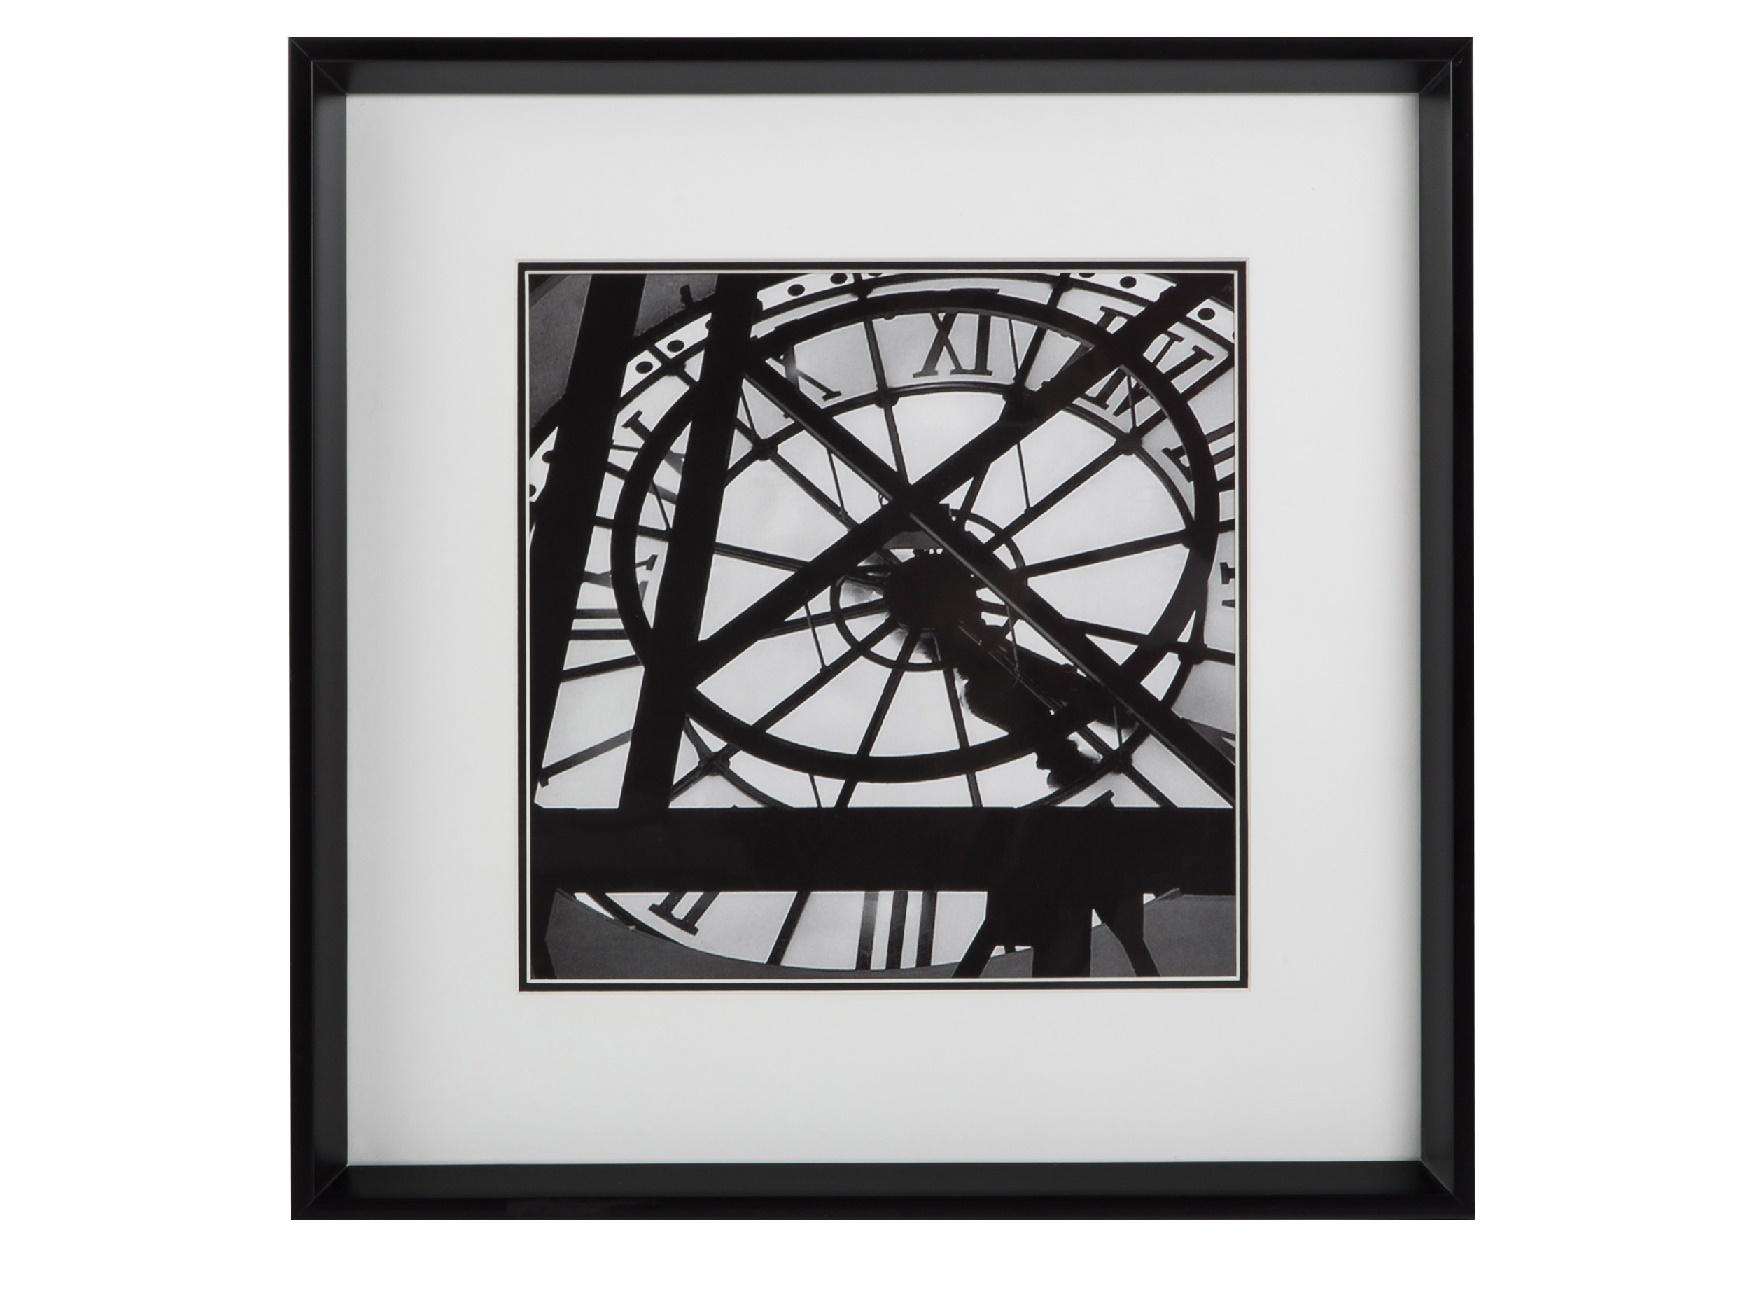 Постер с паспарту в раме Paris ClockПостеры<br>&amp;quot;Paris Clock&amp;quot; ? элегантный и строгий постер, который покорит вас своей особой геометрией. В беспорядочном сочетании множества темных линий и окружностей вы разберетесь не с первого взгляда. Такой декор превосходно впишется в элегантные классические или современные интерьеры.&amp;amp;nbsp;&amp;amp;nbsp;&amp;lt;div&amp;gt;&amp;lt;br&amp;gt;&amp;lt;/div&amp;gt;&amp;lt;div&amp;gt;Рама - дерево.&amp;lt;/div&amp;gt;<br><br>Material: Бумага<br>Width см: 49<br>Depth см: 4<br>Height см: 49